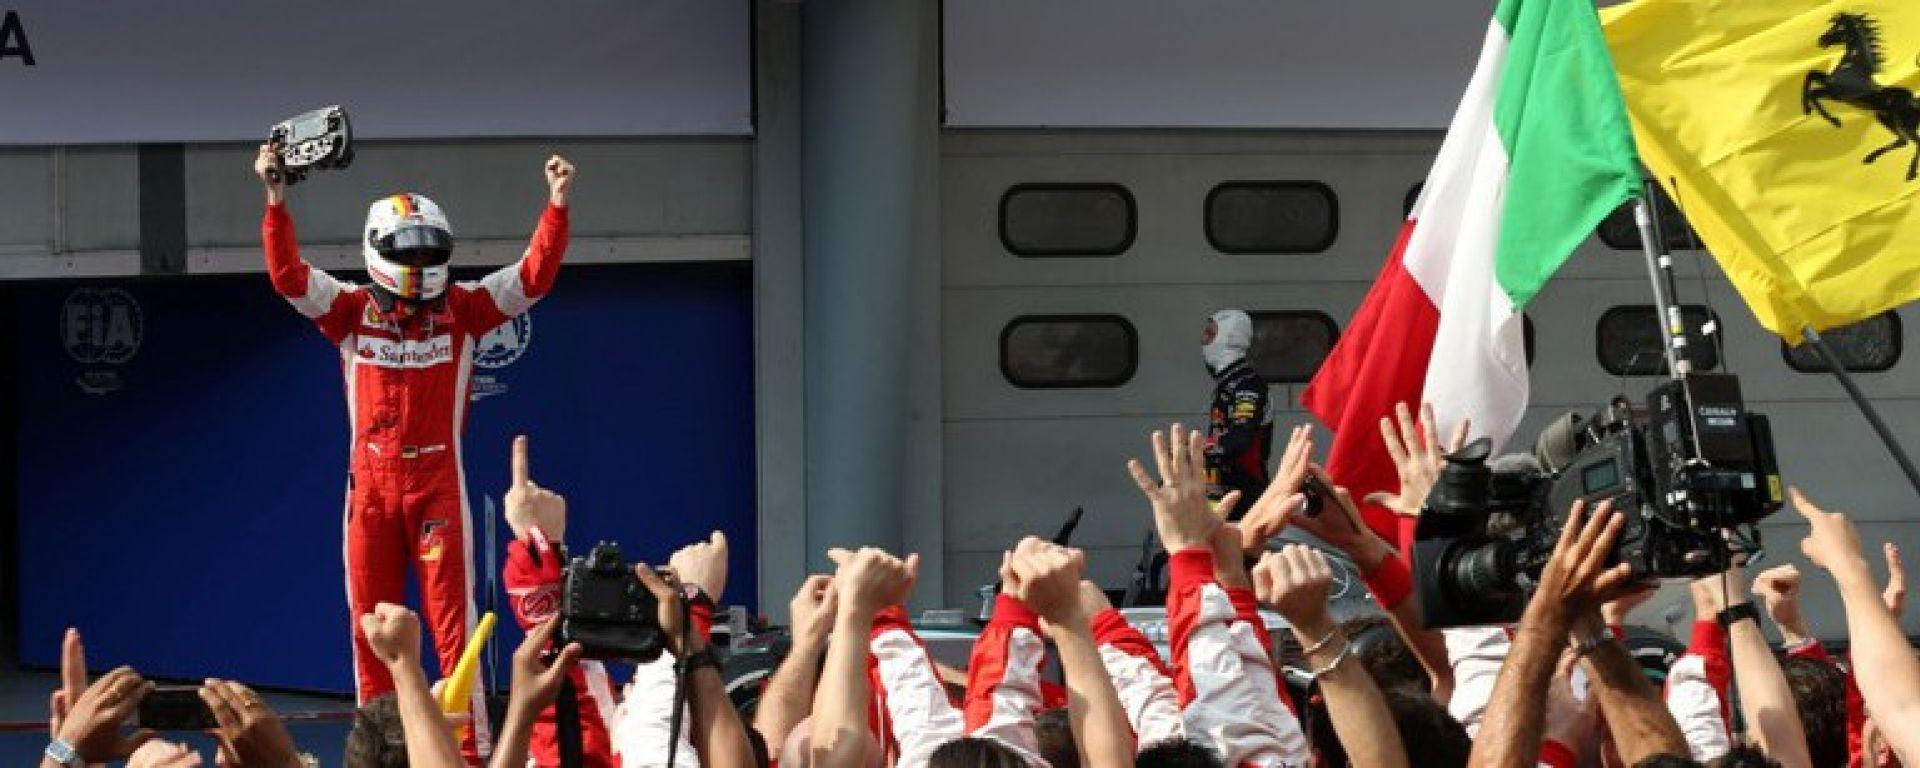 F1, Malaysian GP: cosa ne pensa Vettel  di Sepang (video)